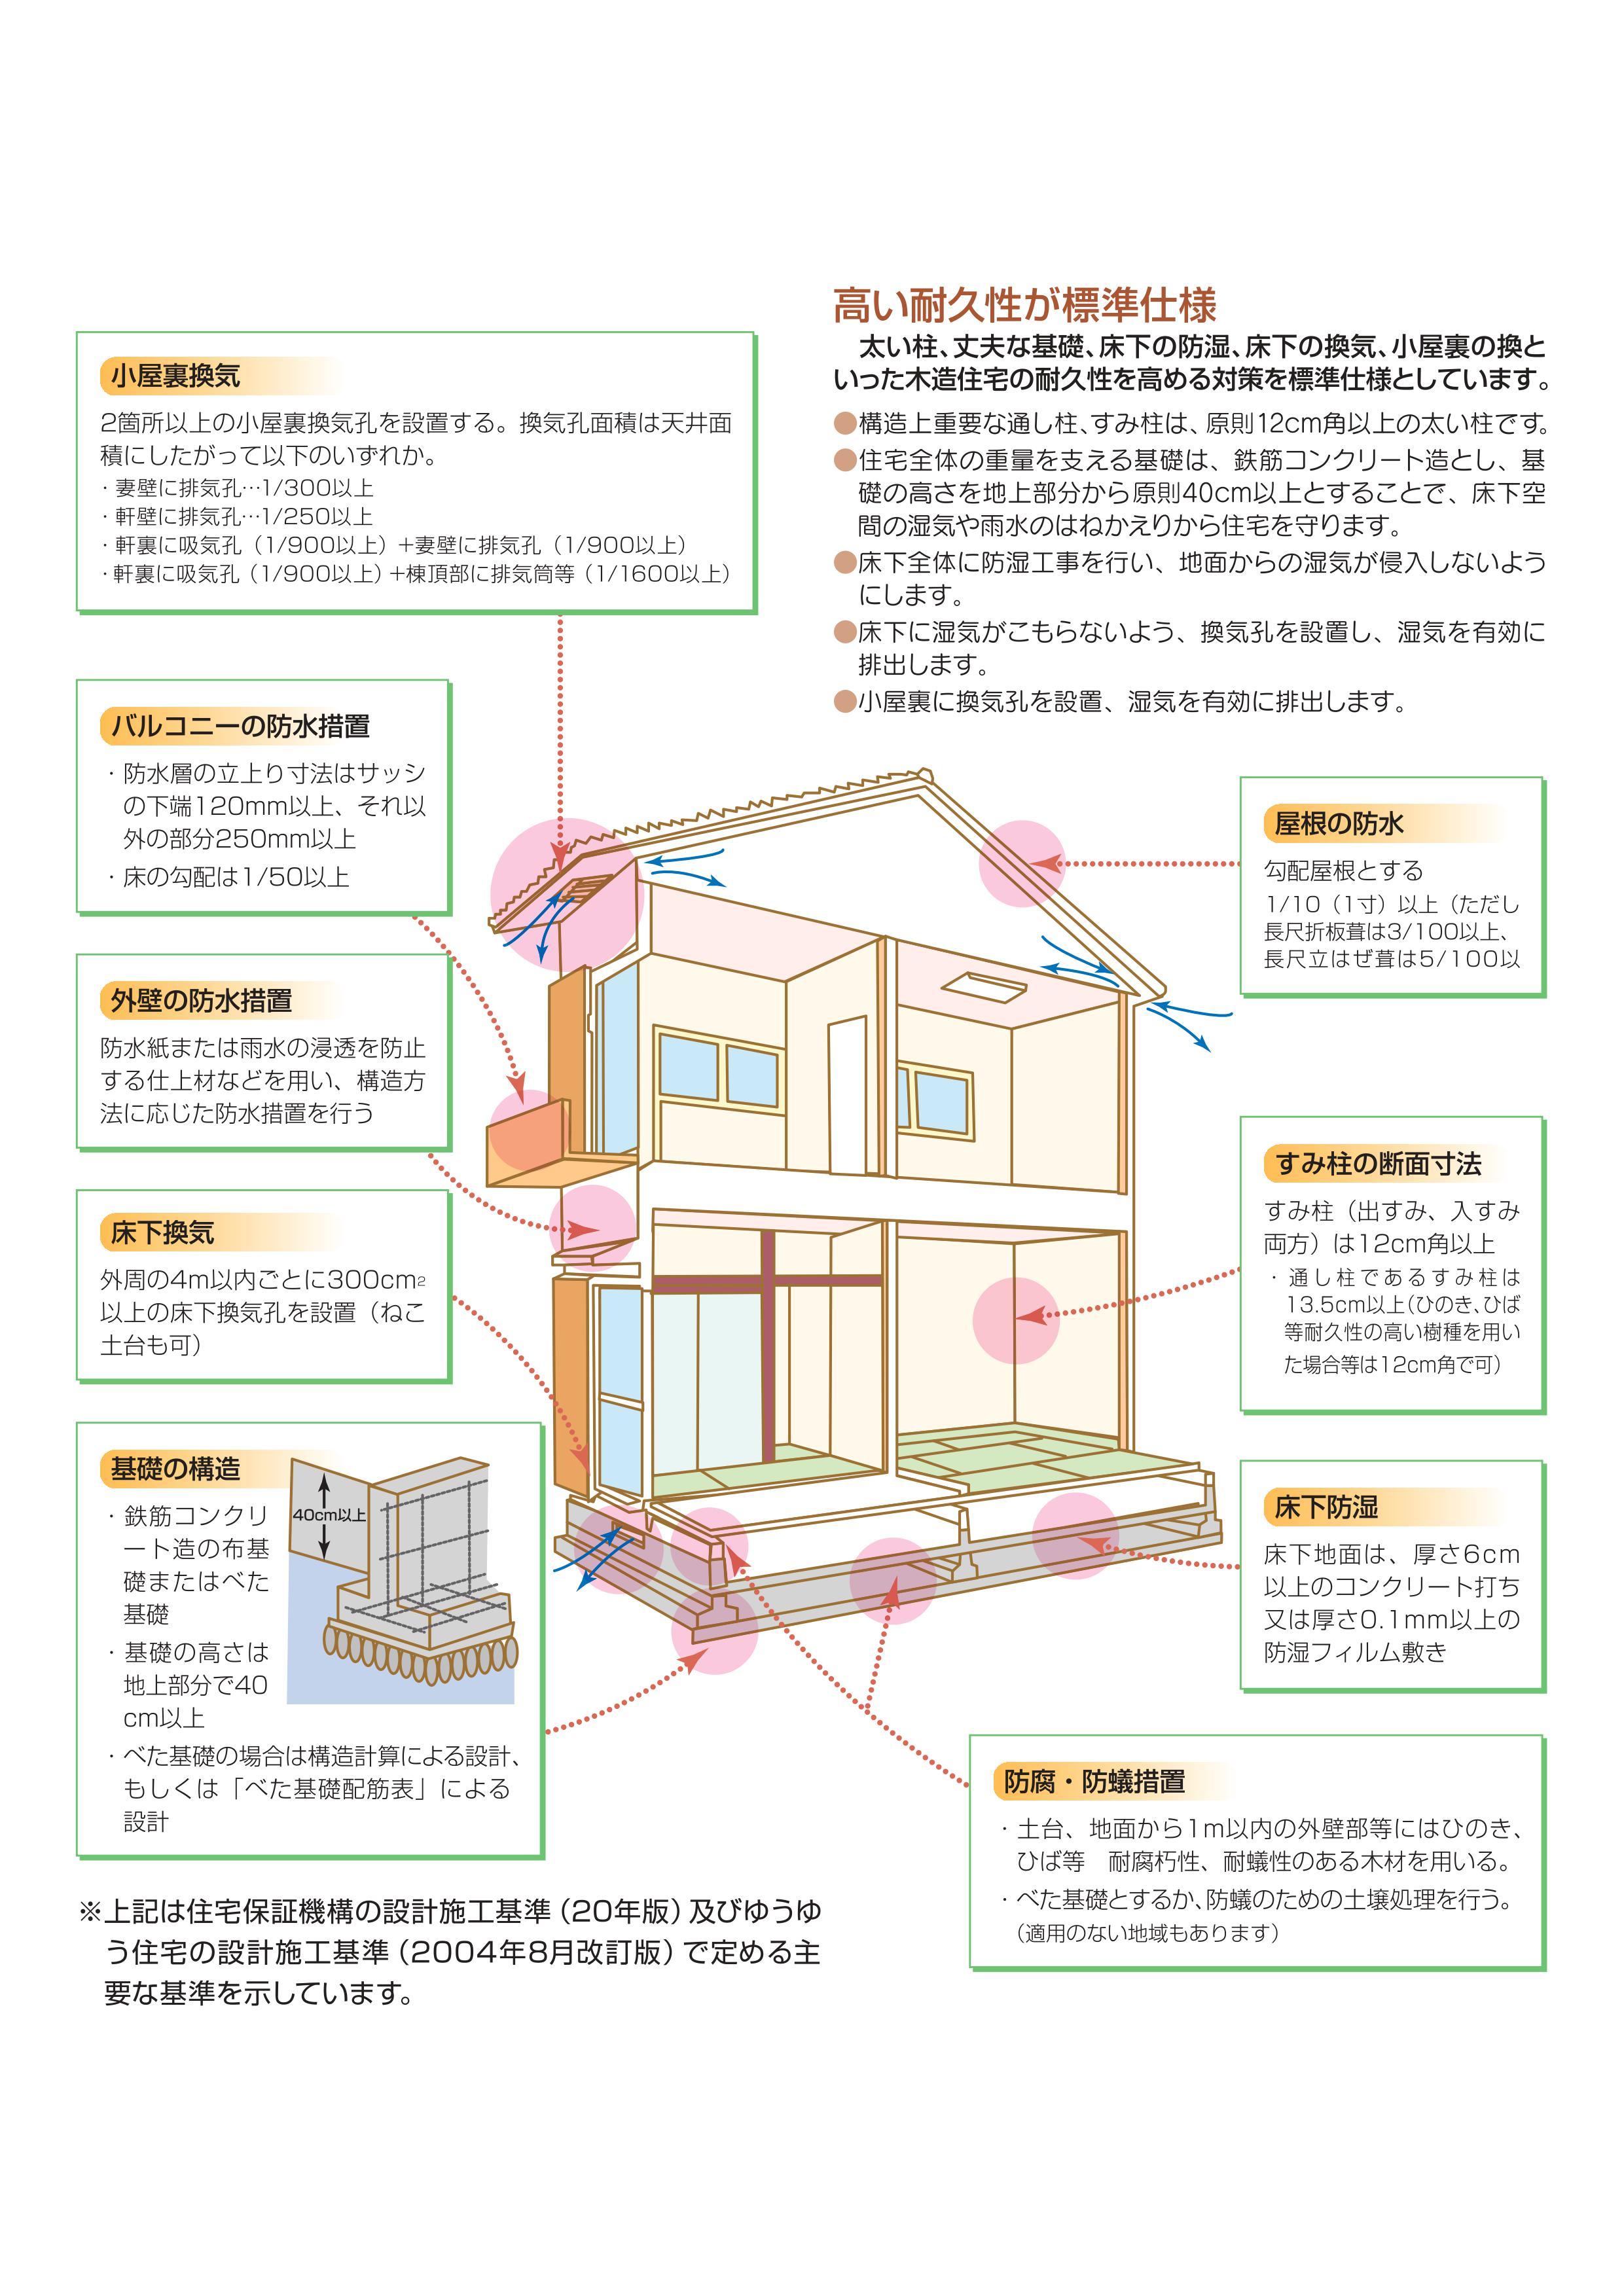 ゆうゆう住宅の設計施工基準